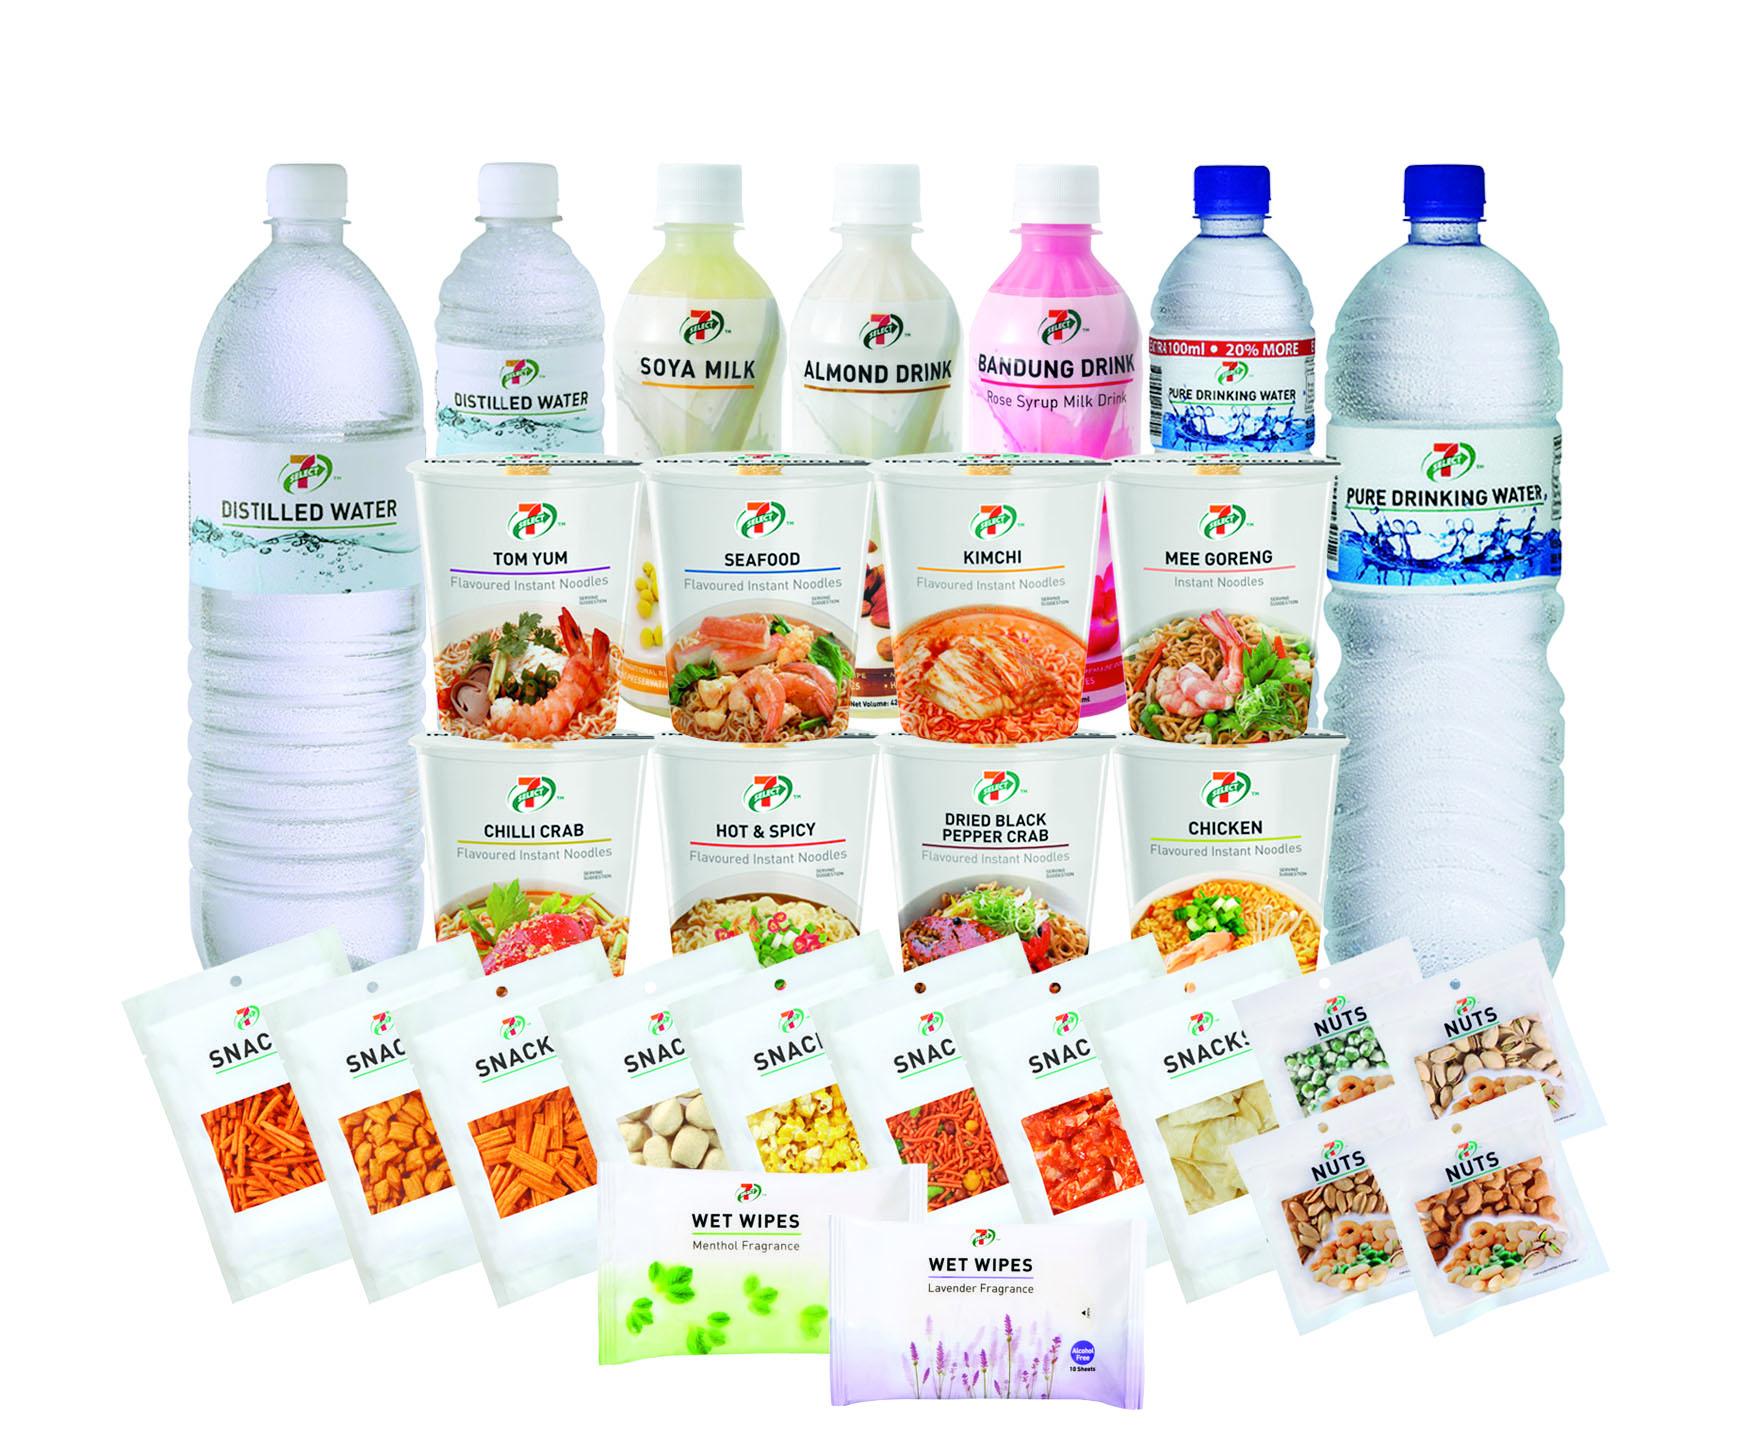 7-Eleven - Housebrand packaging design